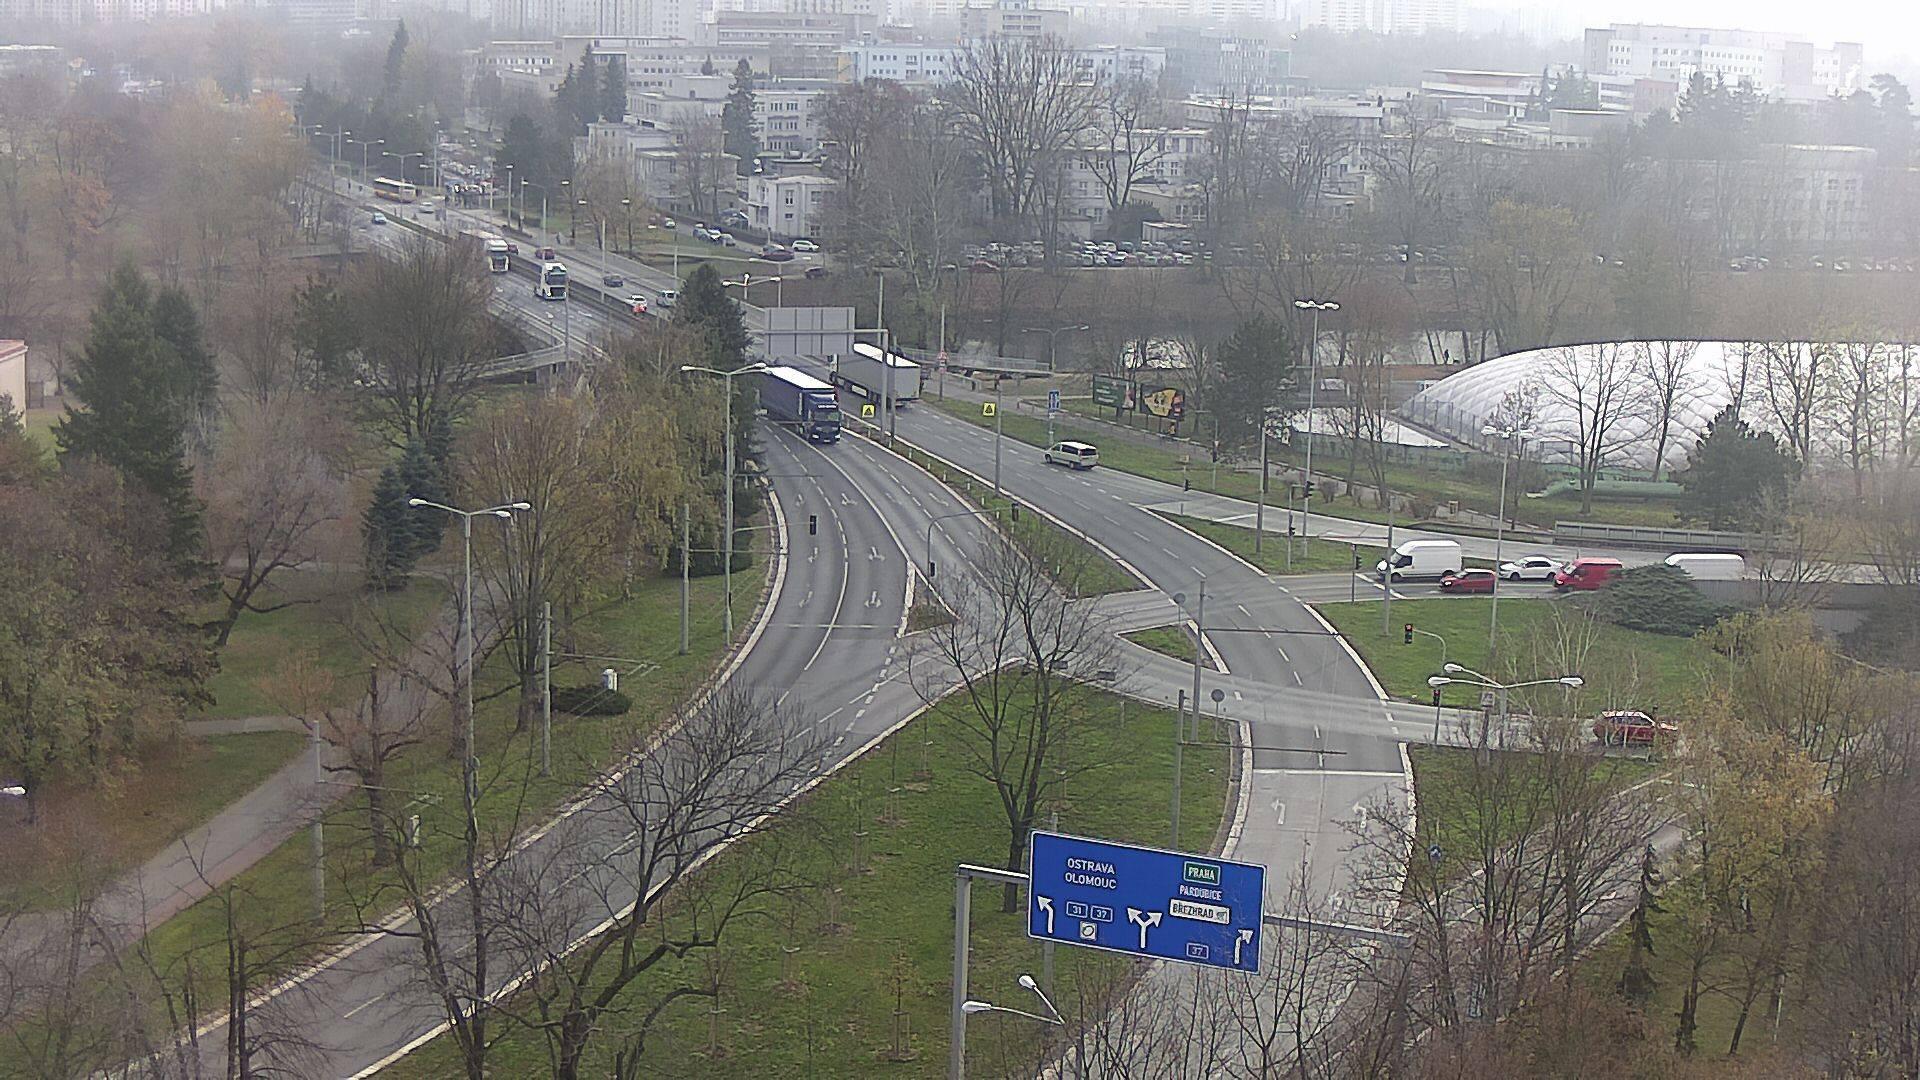 Webová kamera - Křižovatka u soutoku - čas 10:00